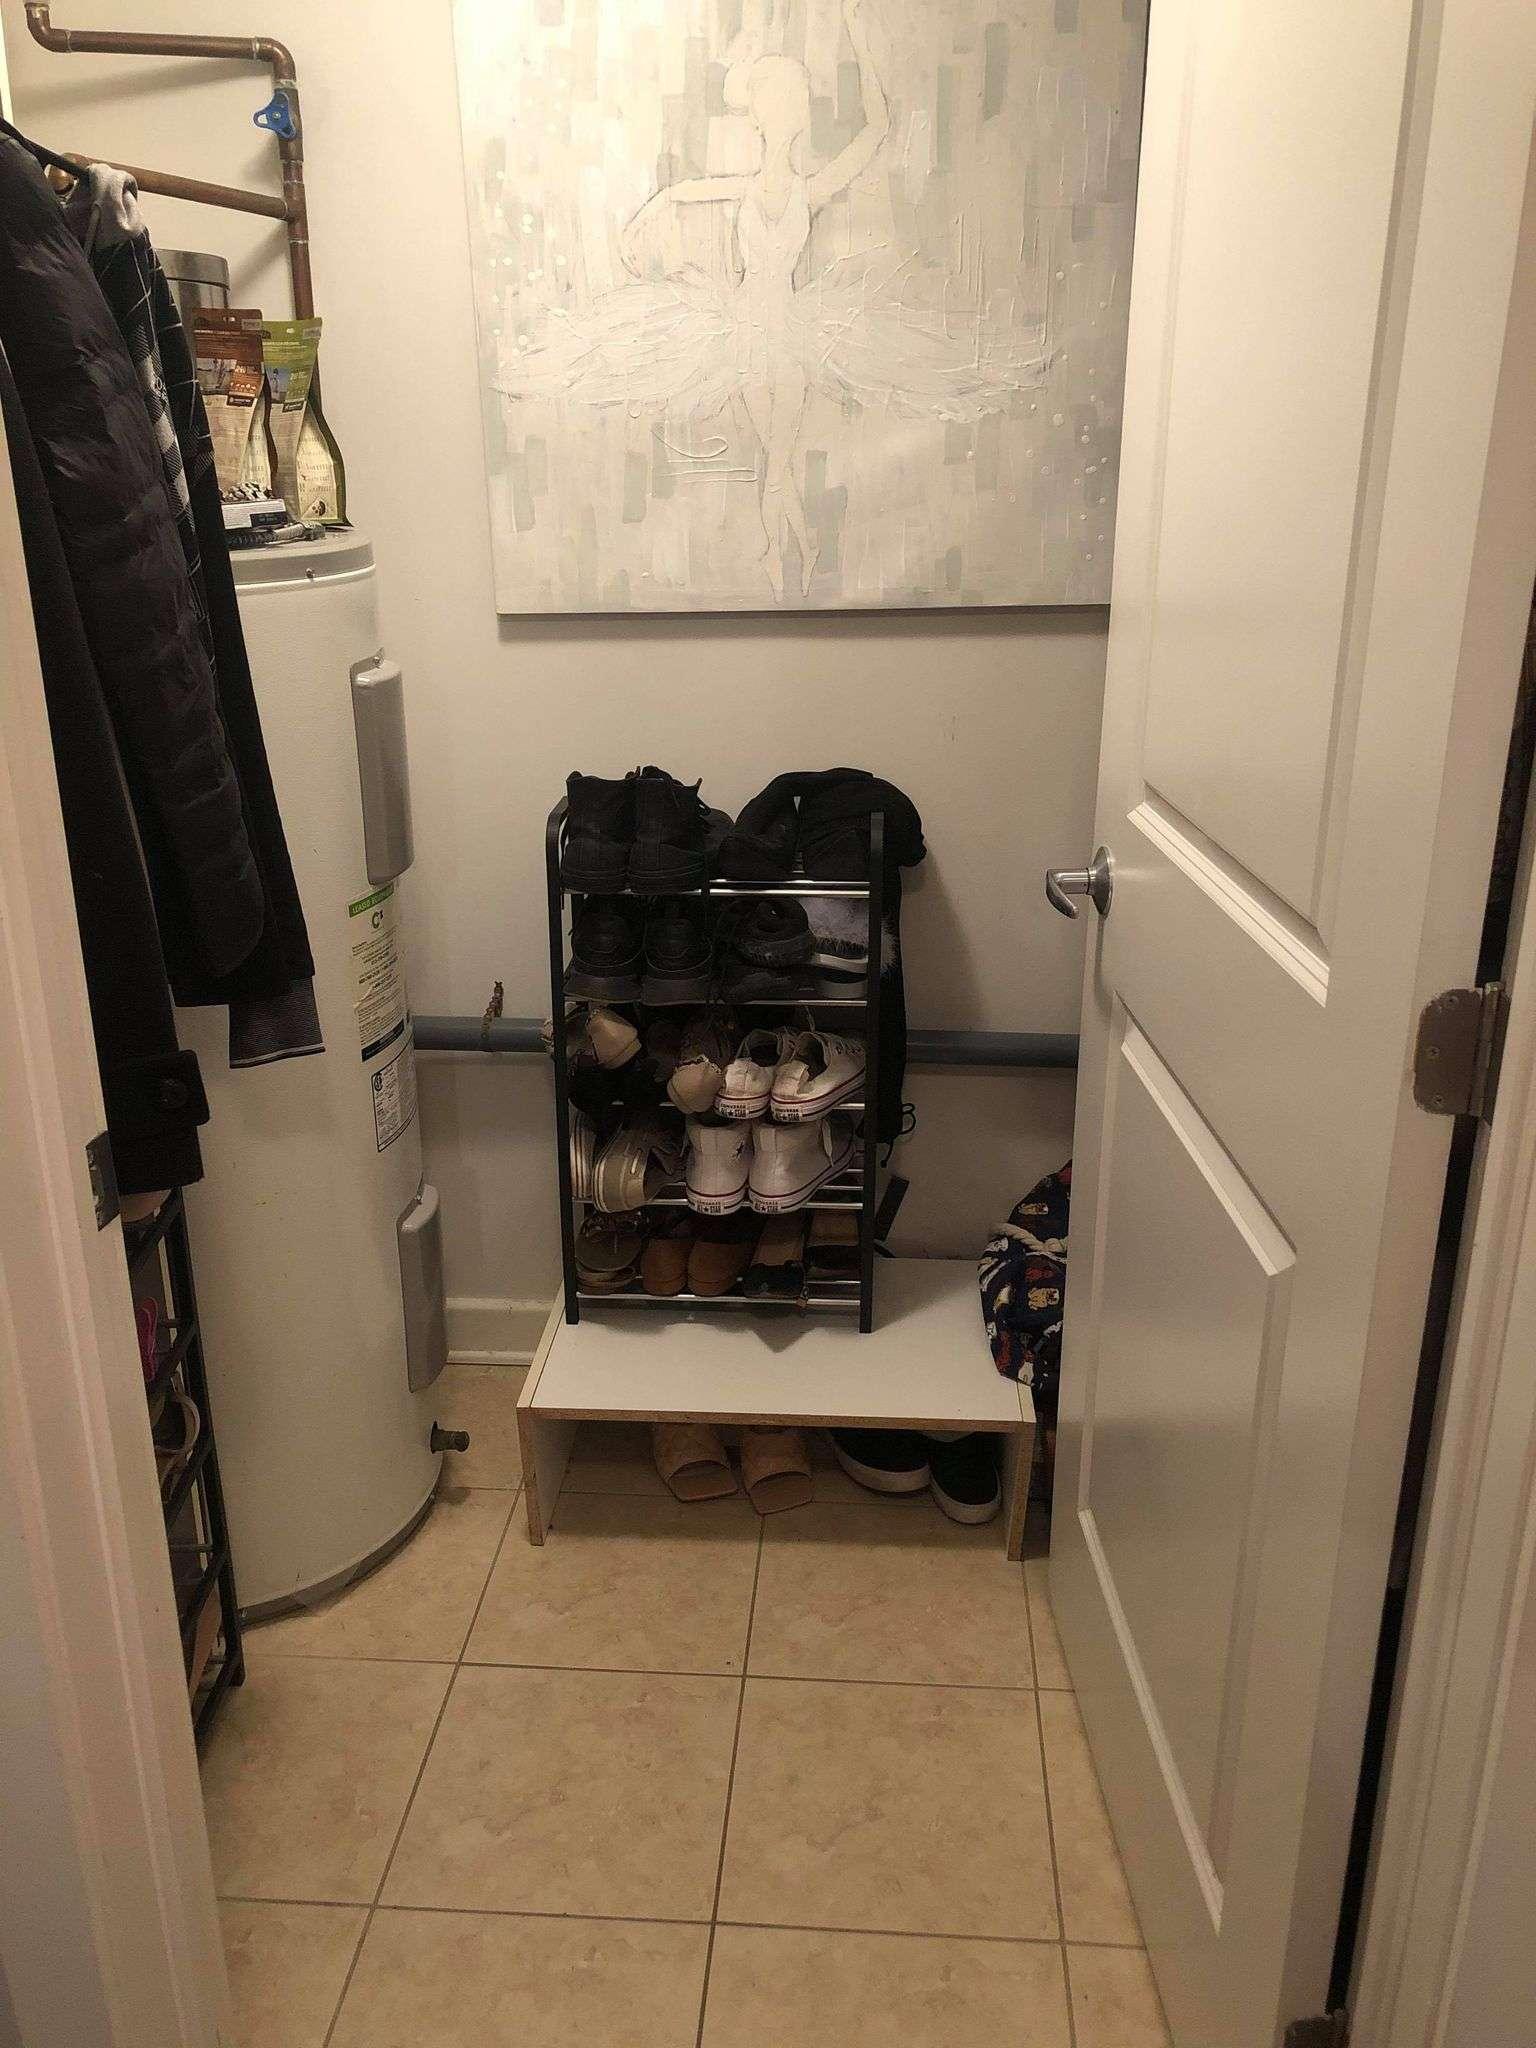 Closet den storage